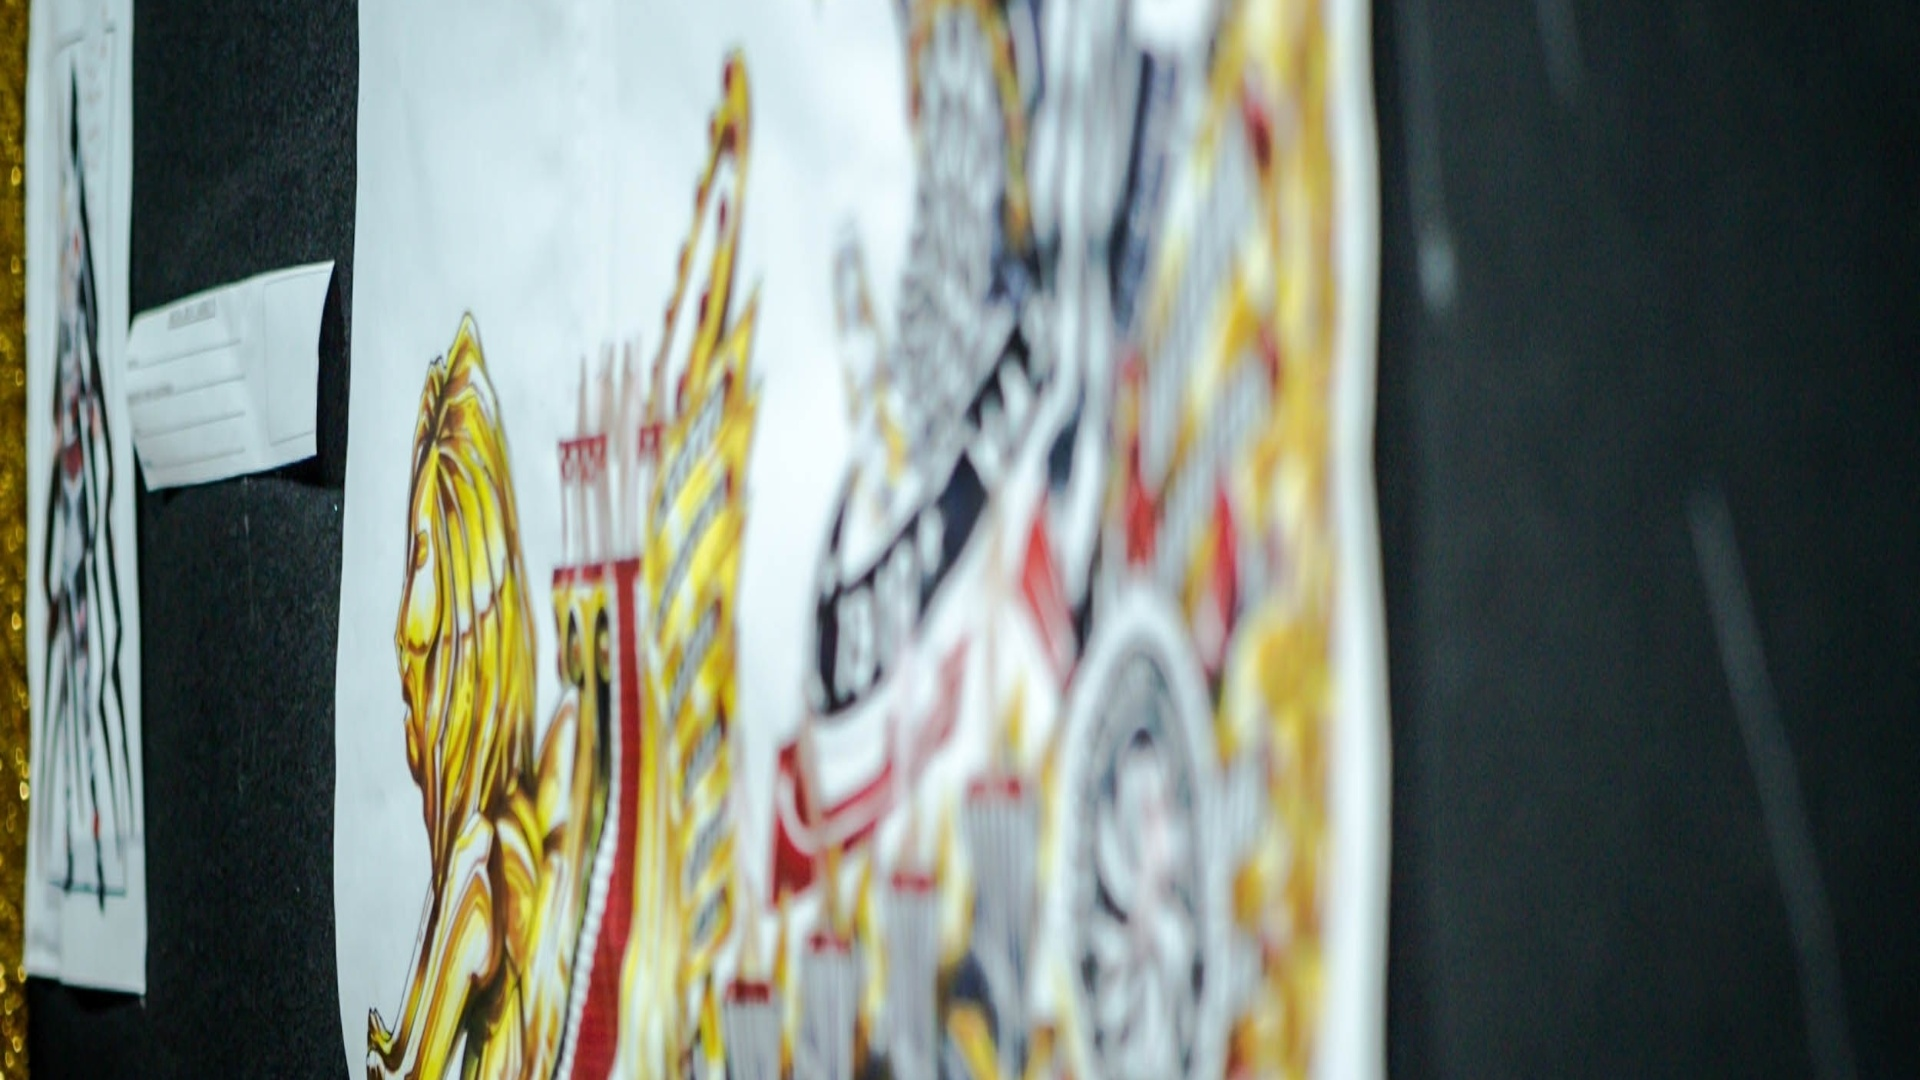 17.jan.2013 Carro que fará homenagem aos prêmios de propaganda que o Brasil já conquistou e ao Corinthians, que segundo Lopes, é um grande veículo e propaganda do esporte brasileiro